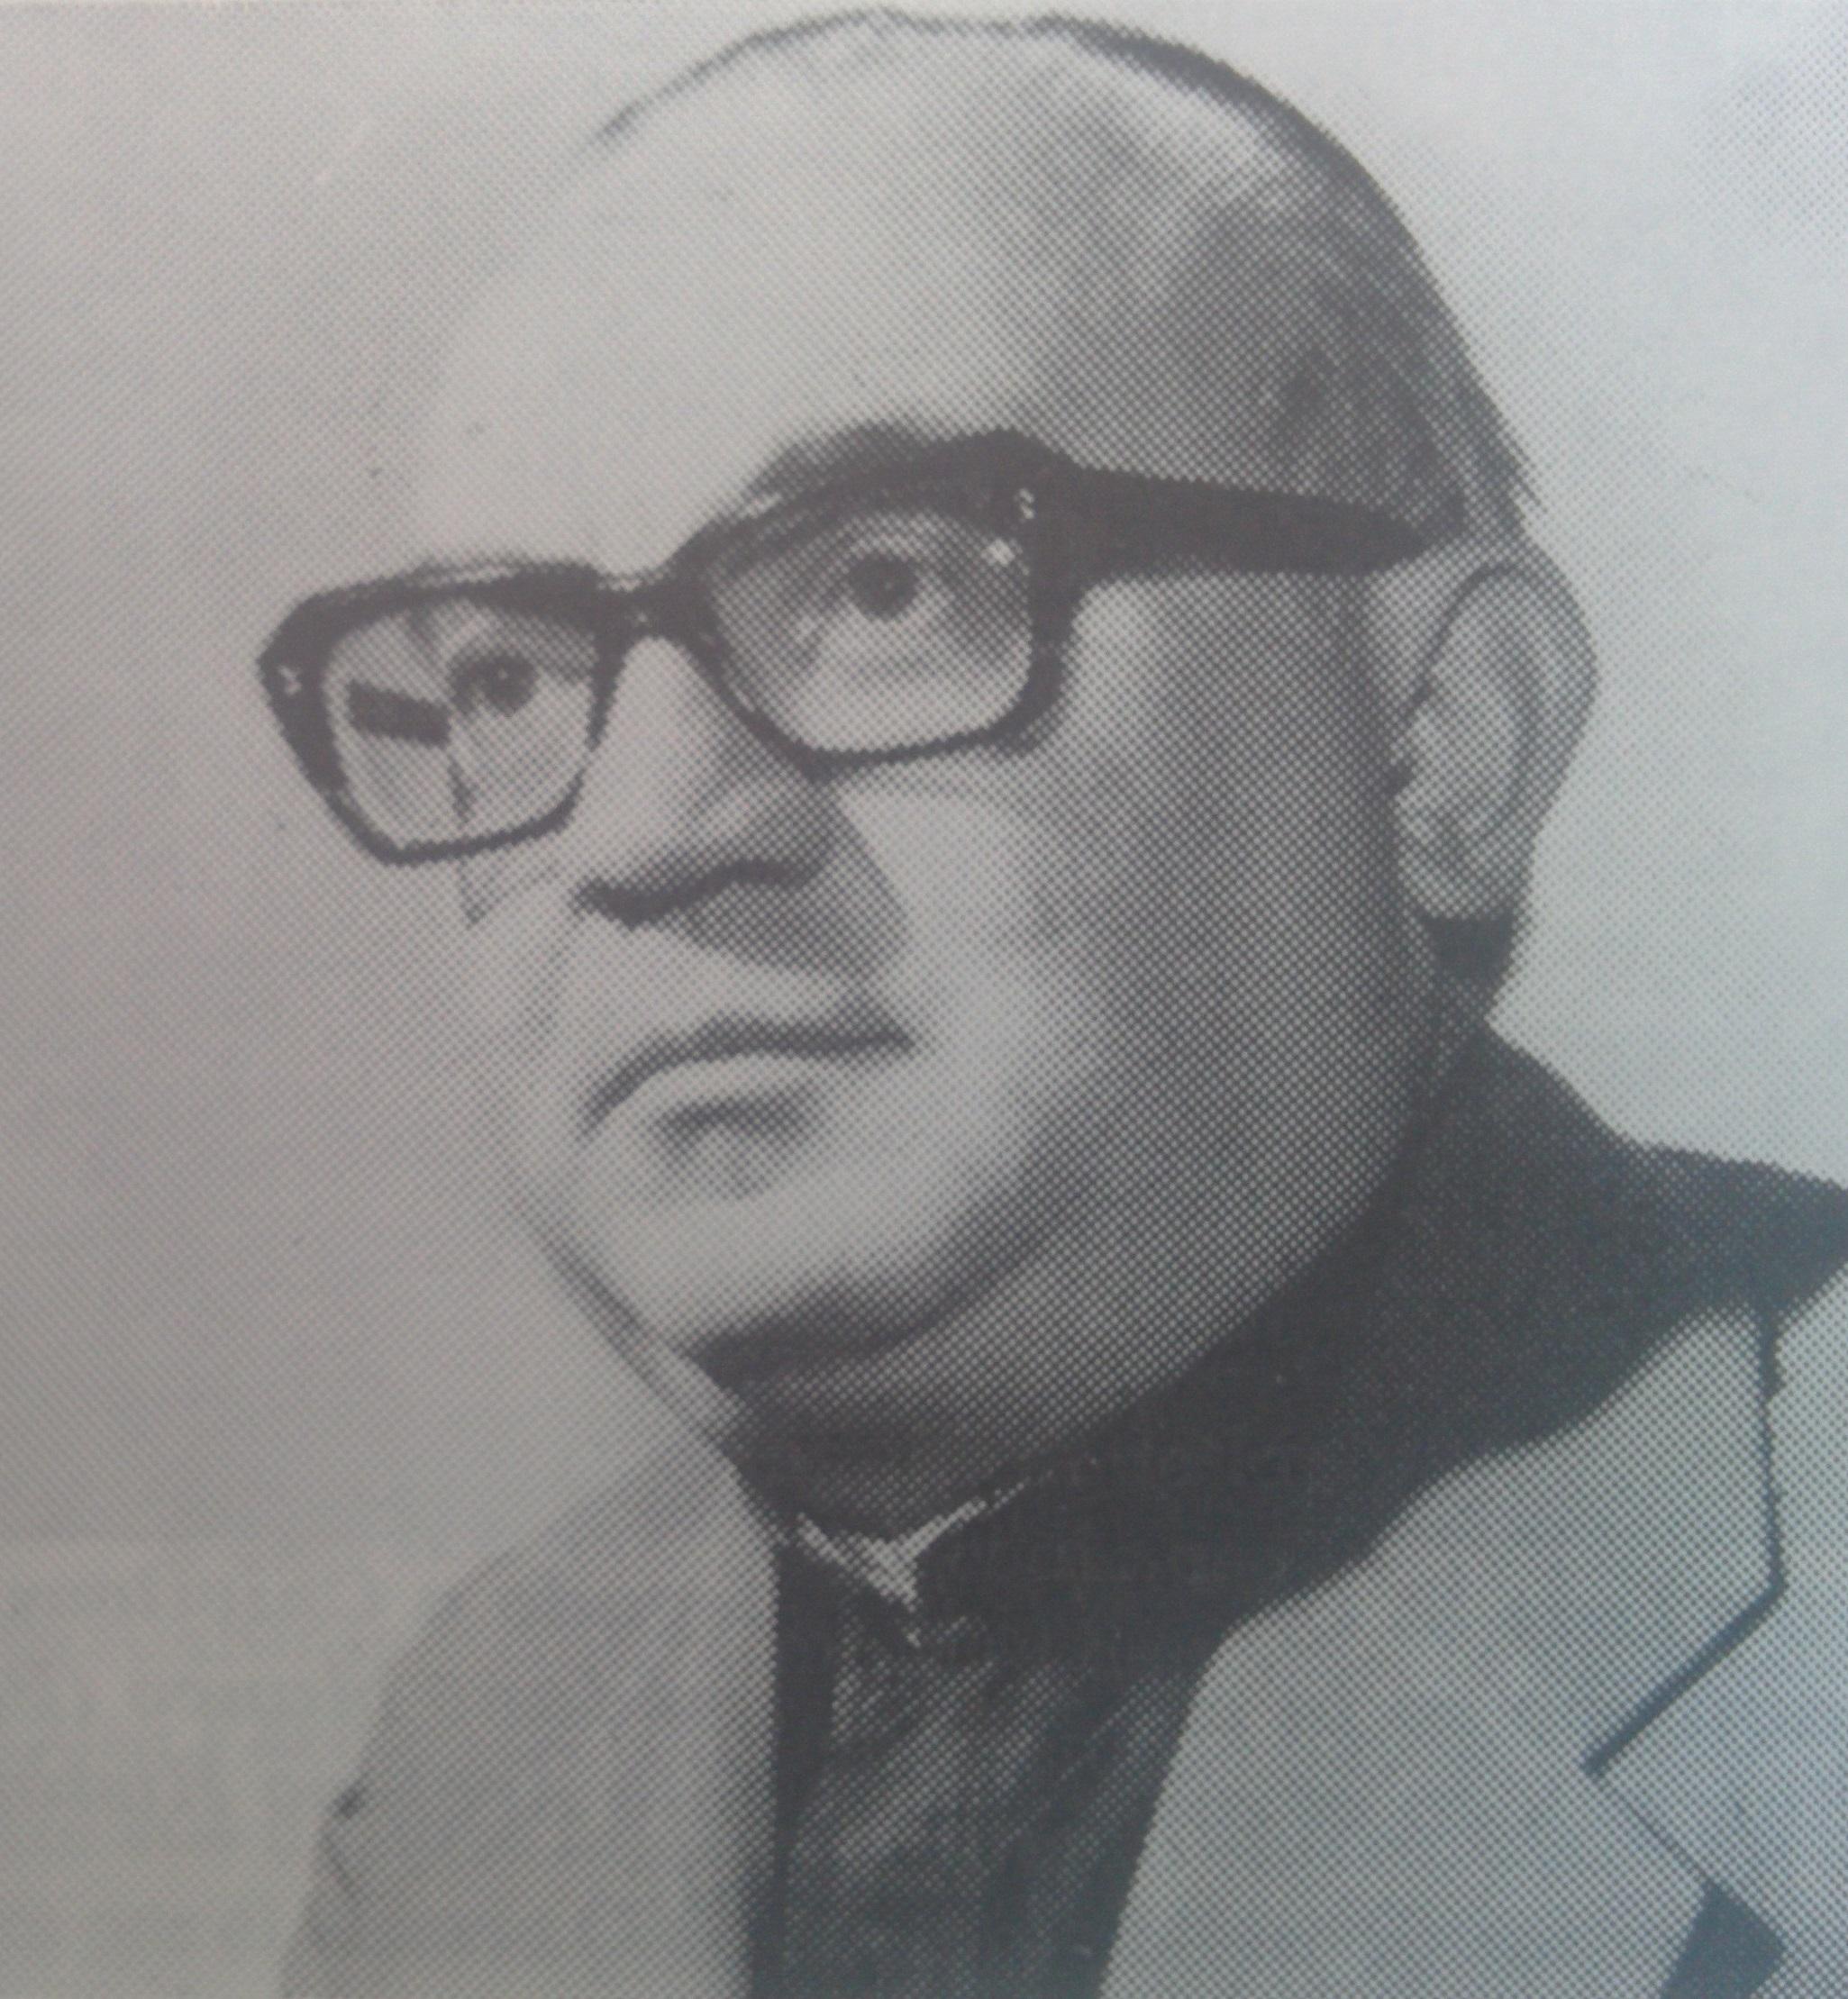 El ex Párroco, presbítero, Monseñor Gregorio López (1927-1999), quien cumpluó sus funciones pastorales, al frente de dicho centro de espiritualidad religiosa, entre los años 1974 y 1987.